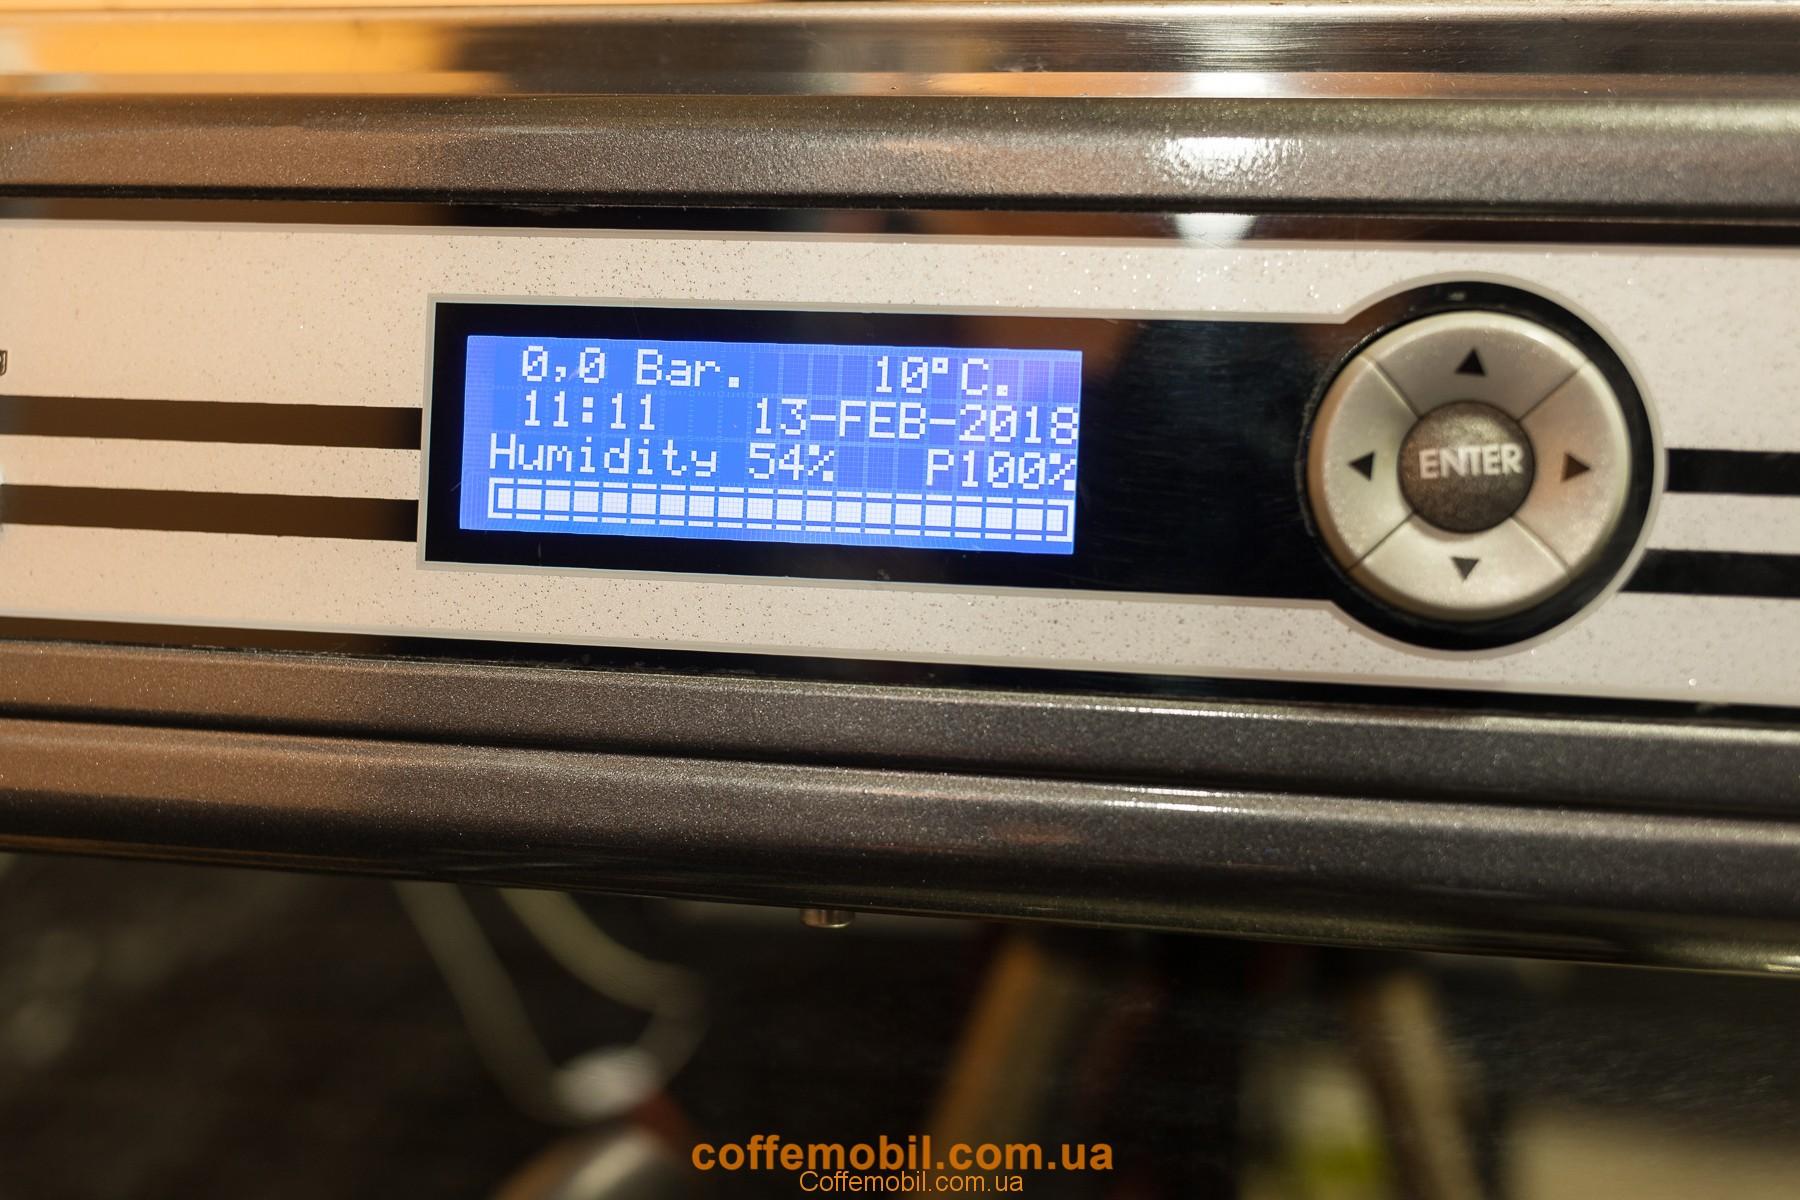 мультбойлерная кофеварка Астория